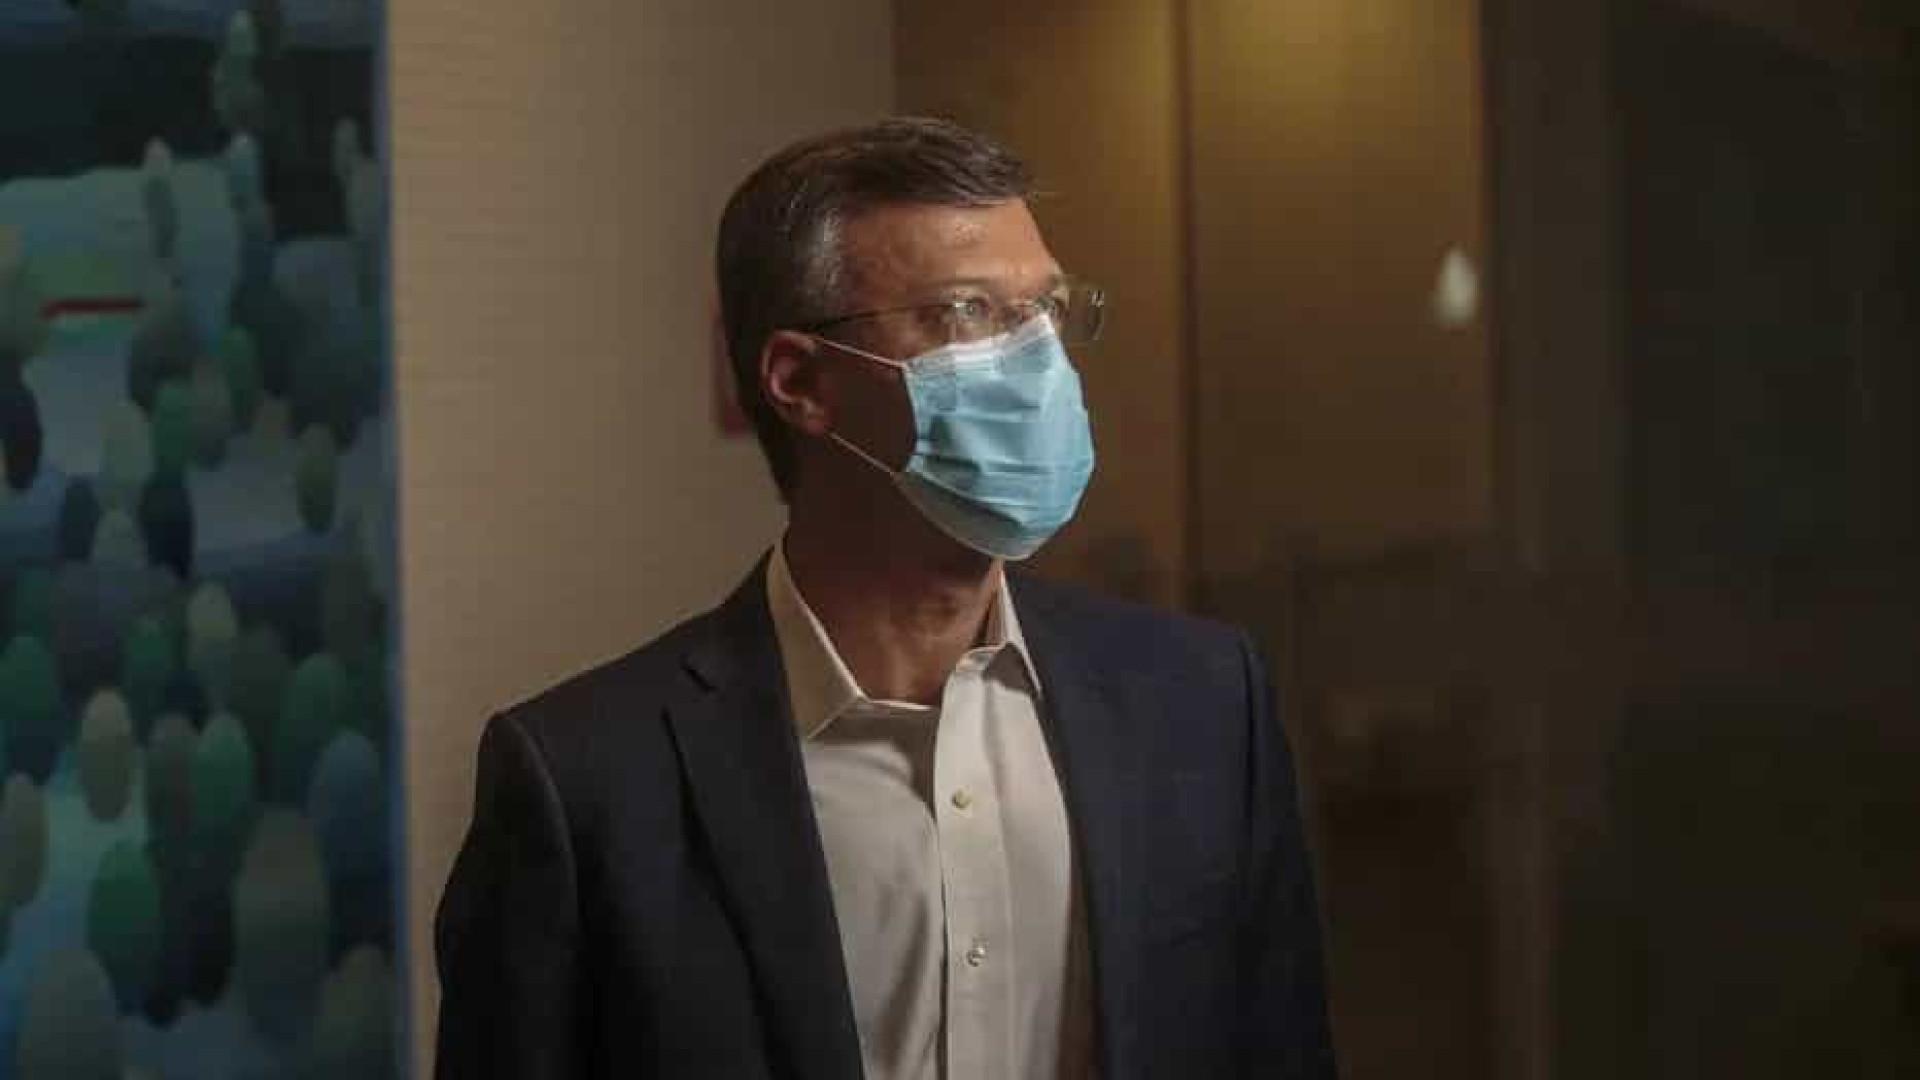 'Falta de valorização da ciência prejudicou combate à pandemia'